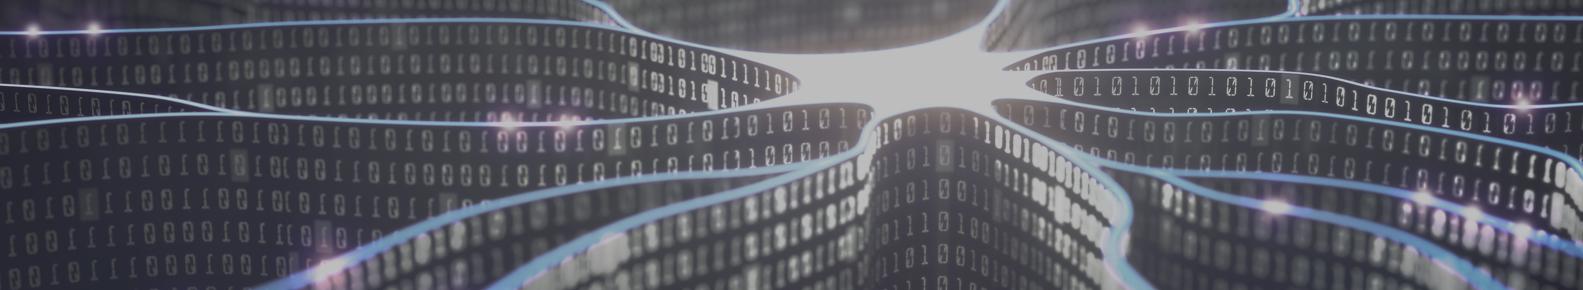 Máster de Deep Learning e Inteligencia Artificial